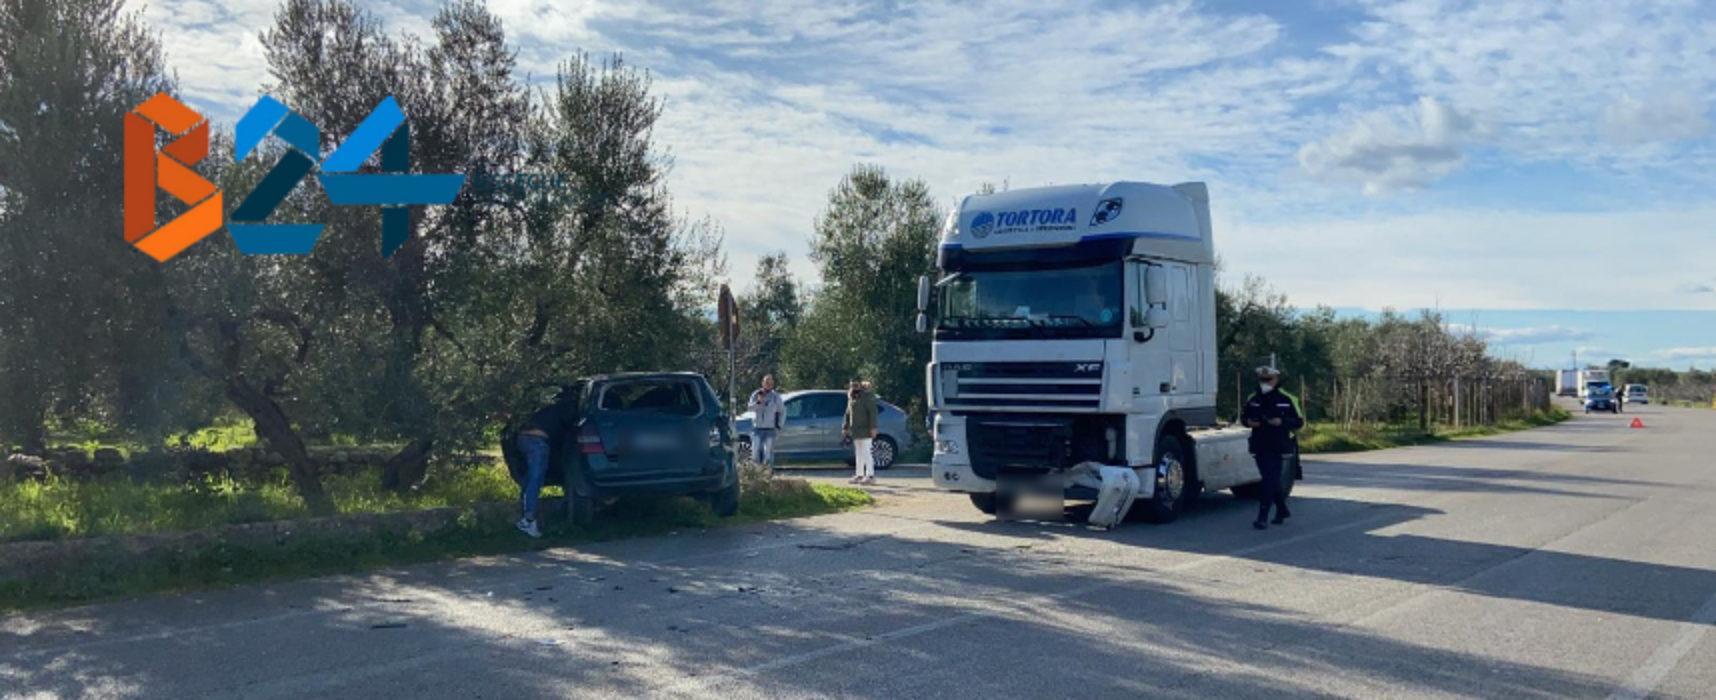 Scontro tra due mezzi sulla Bisceglie-Andria , ferito un 75enne